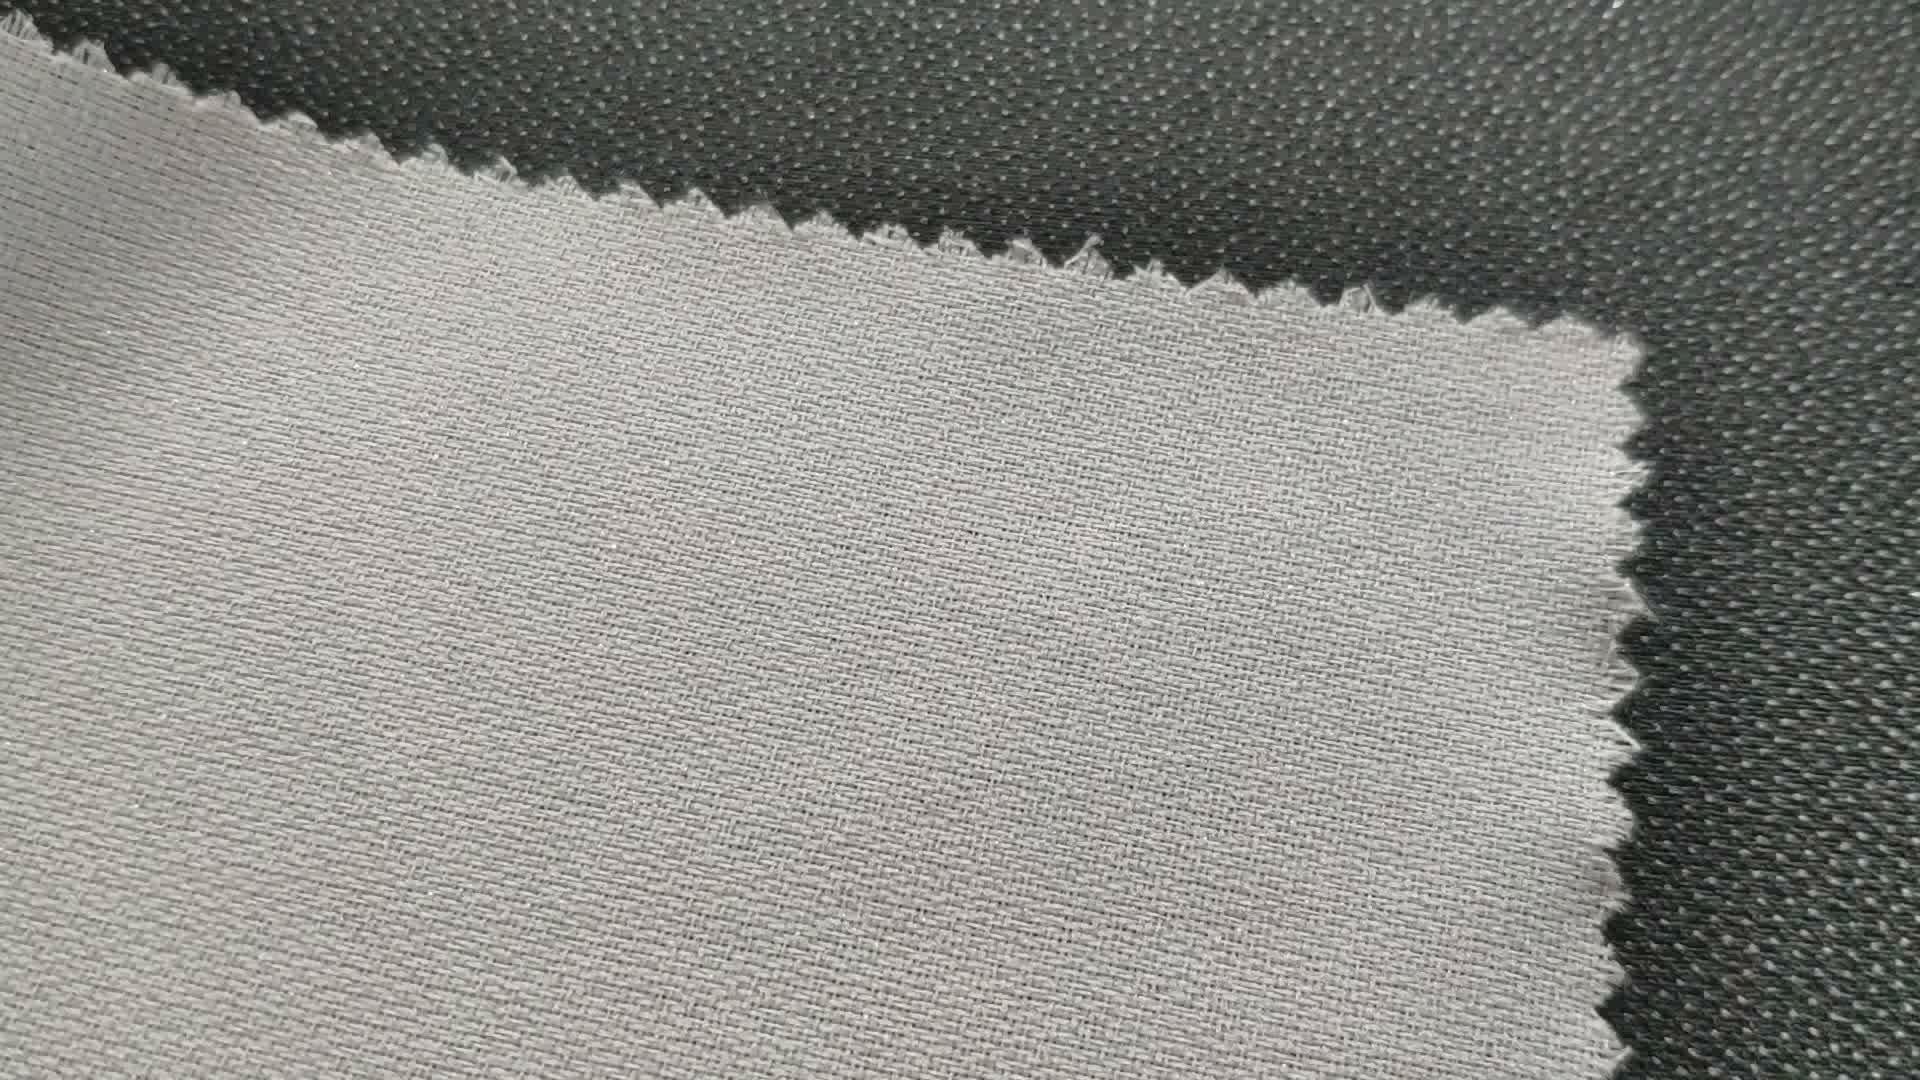 Превосходное качество PA microdot фьюзинг клей одежды changxing interlining поставщик